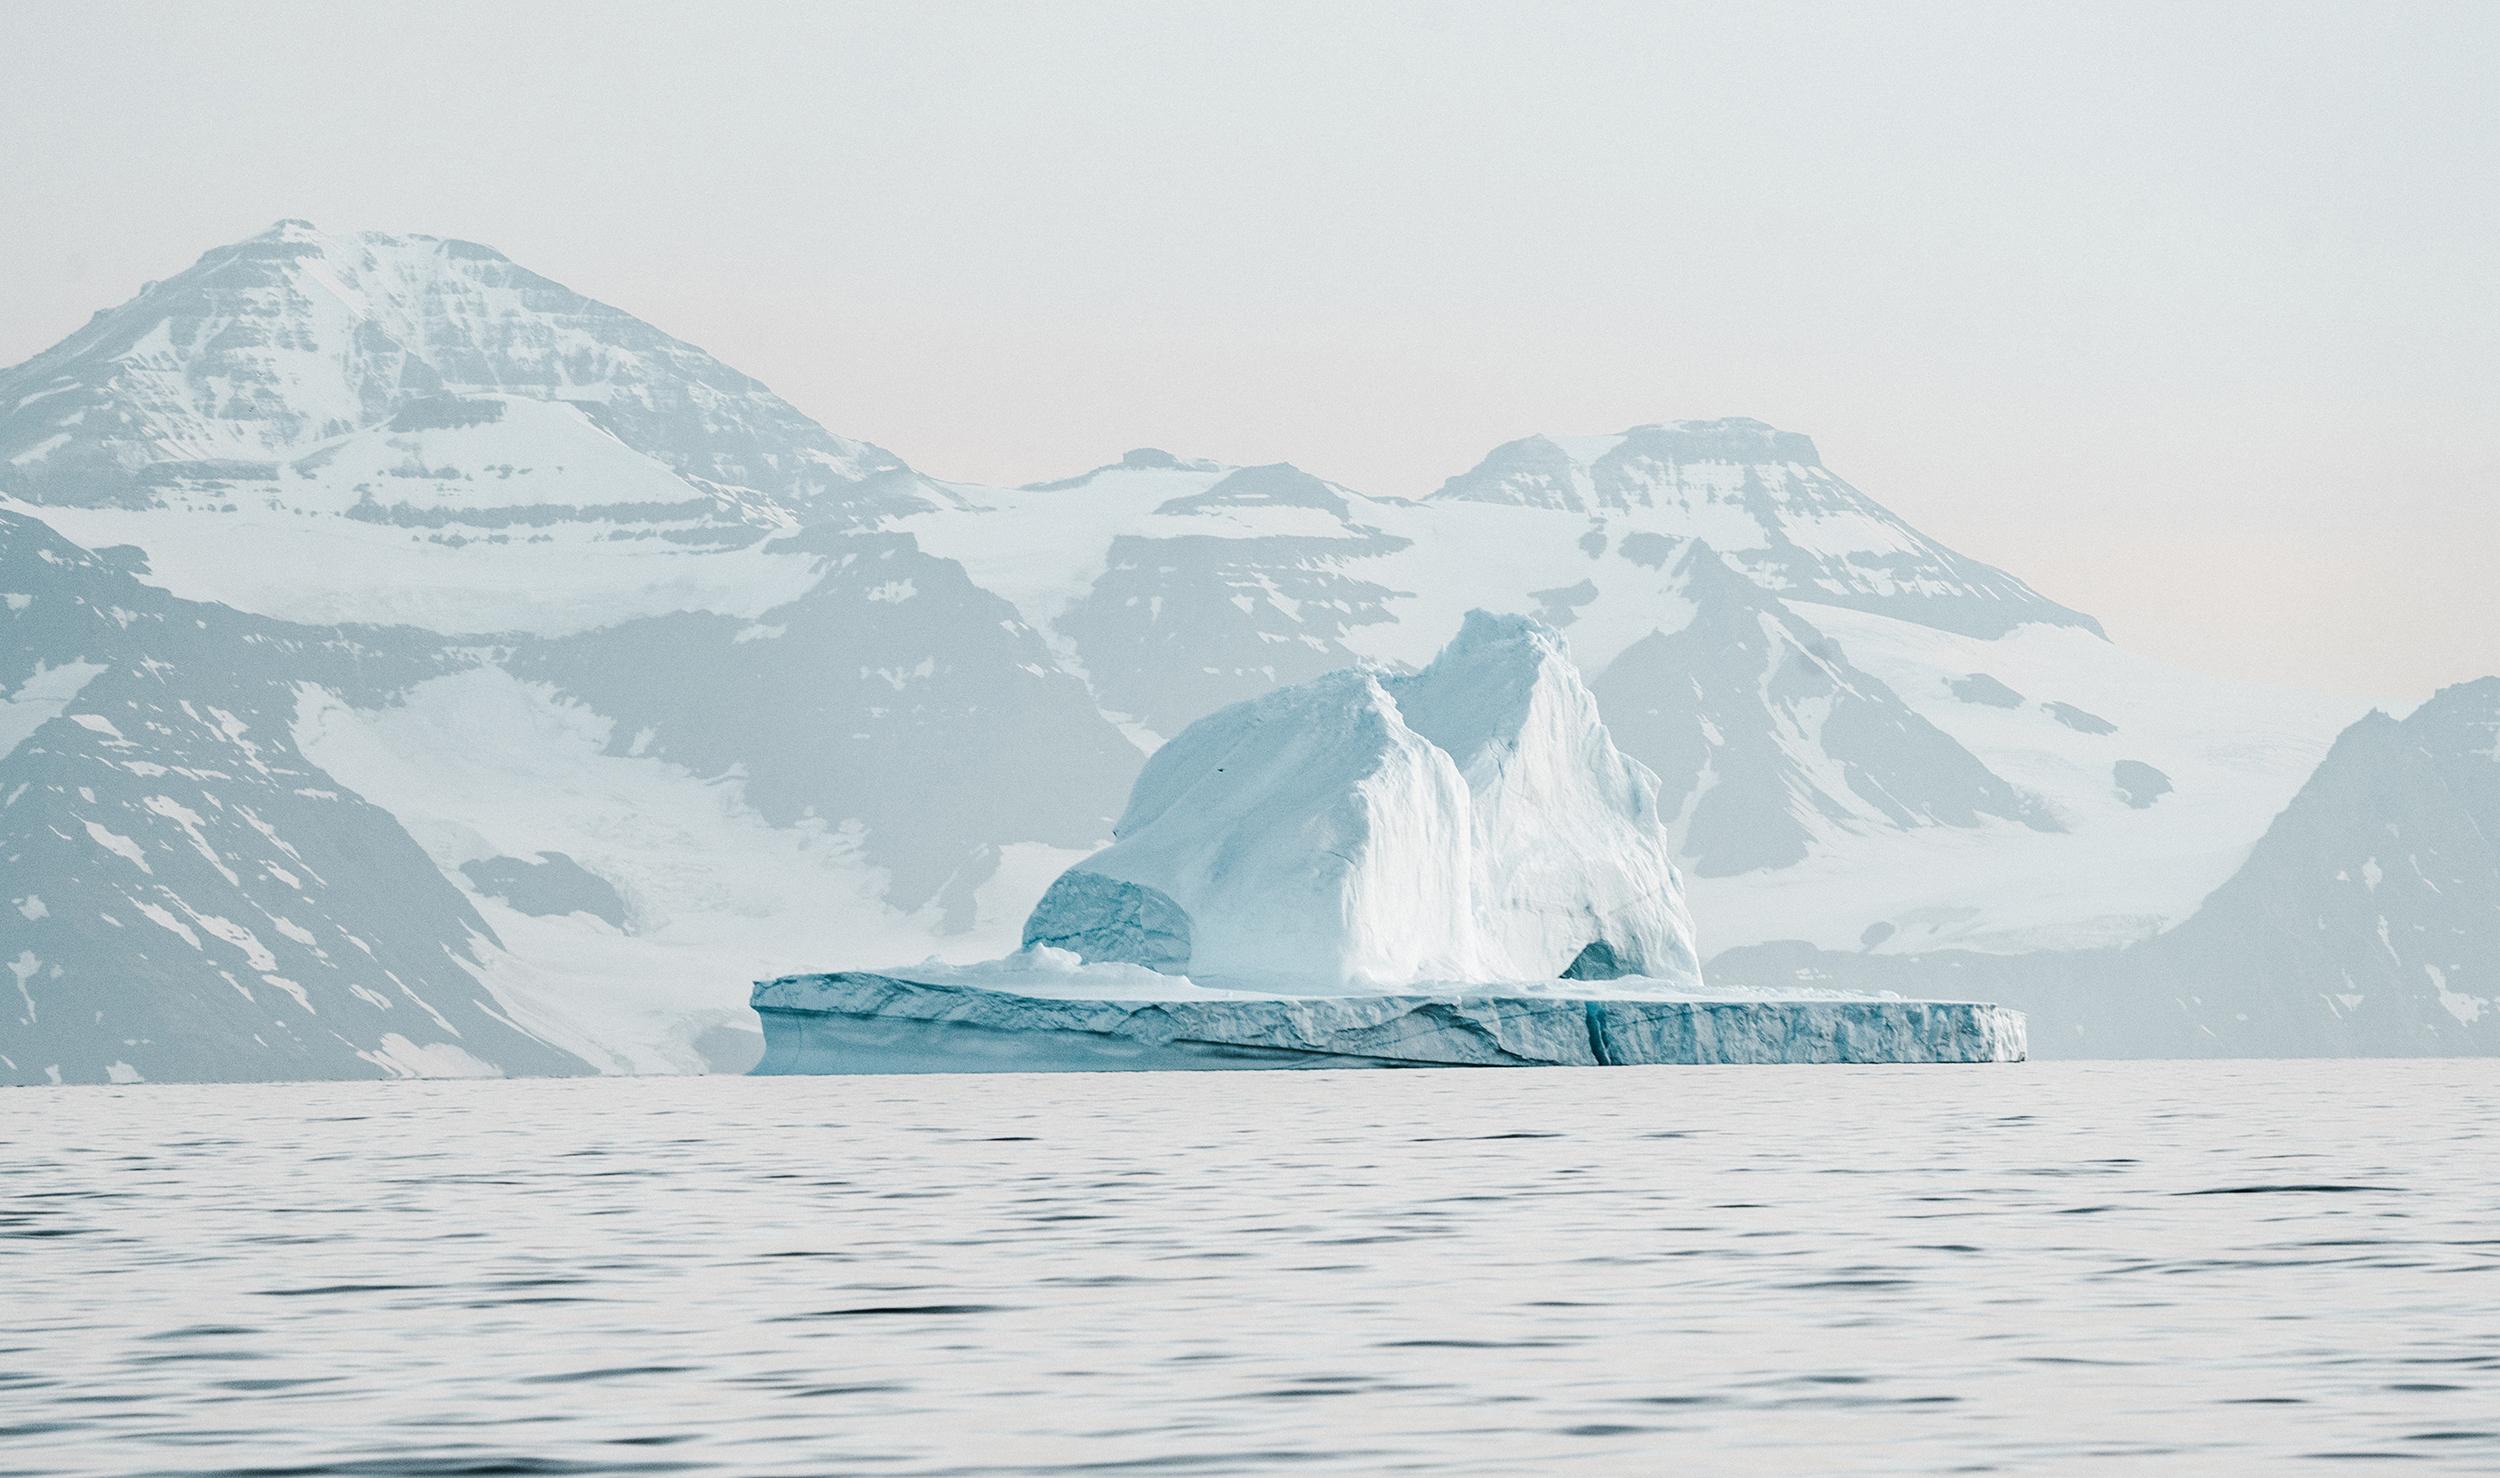 【北极】(极地探索号邮轮)中国人包船北极熊王国摄影巡游 11 天之旅